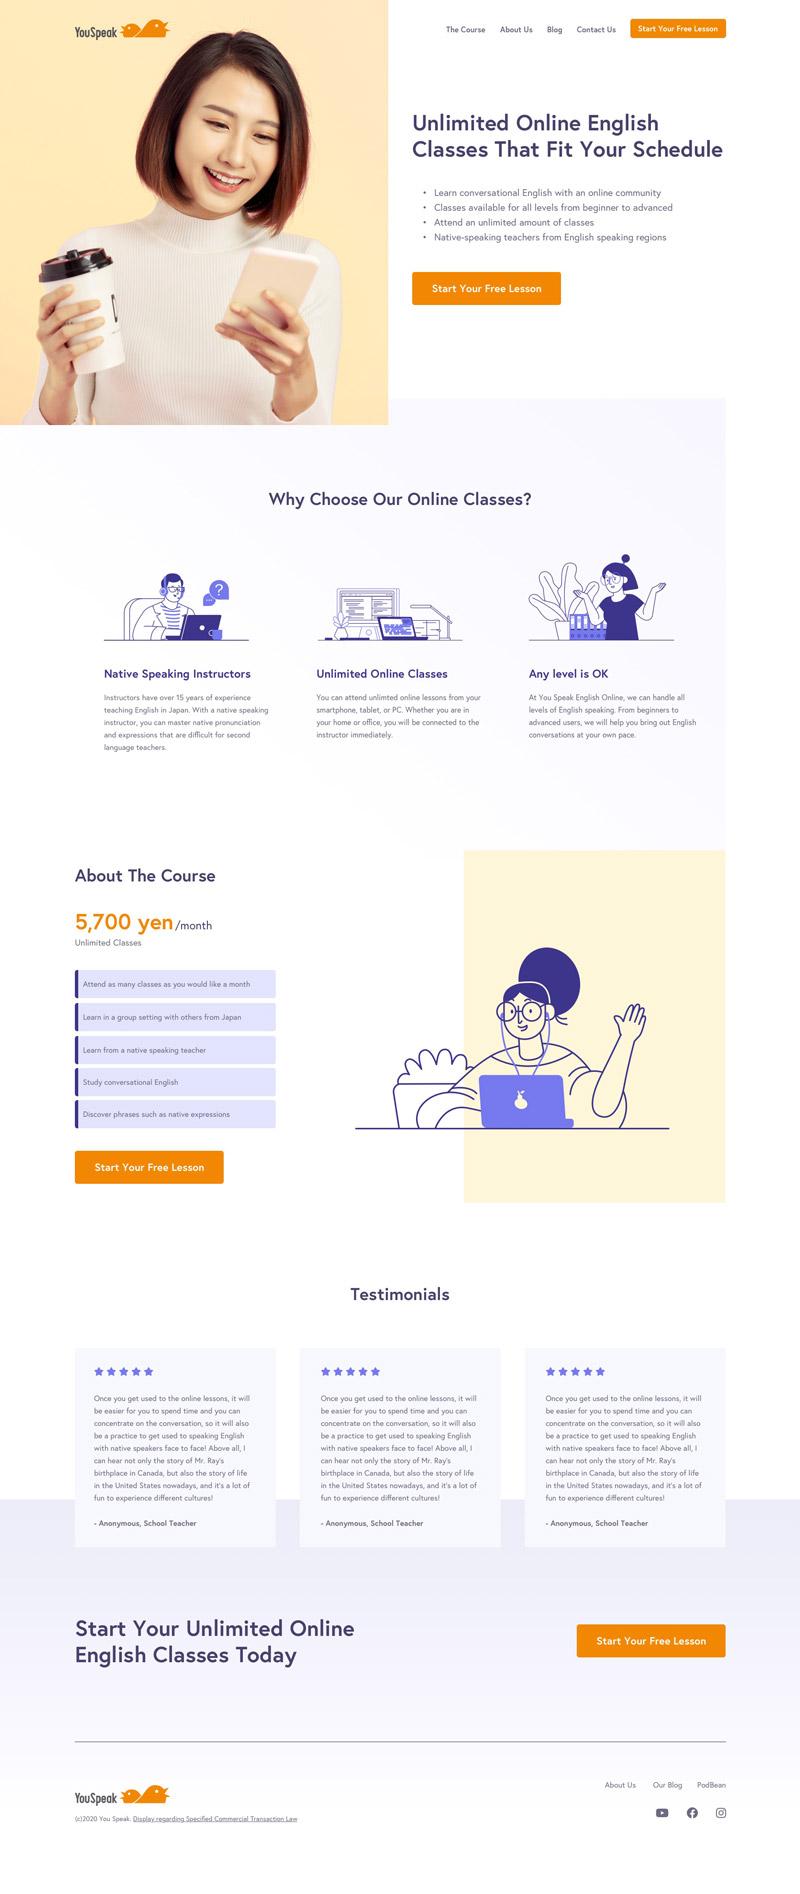 YouSpeak Online Home